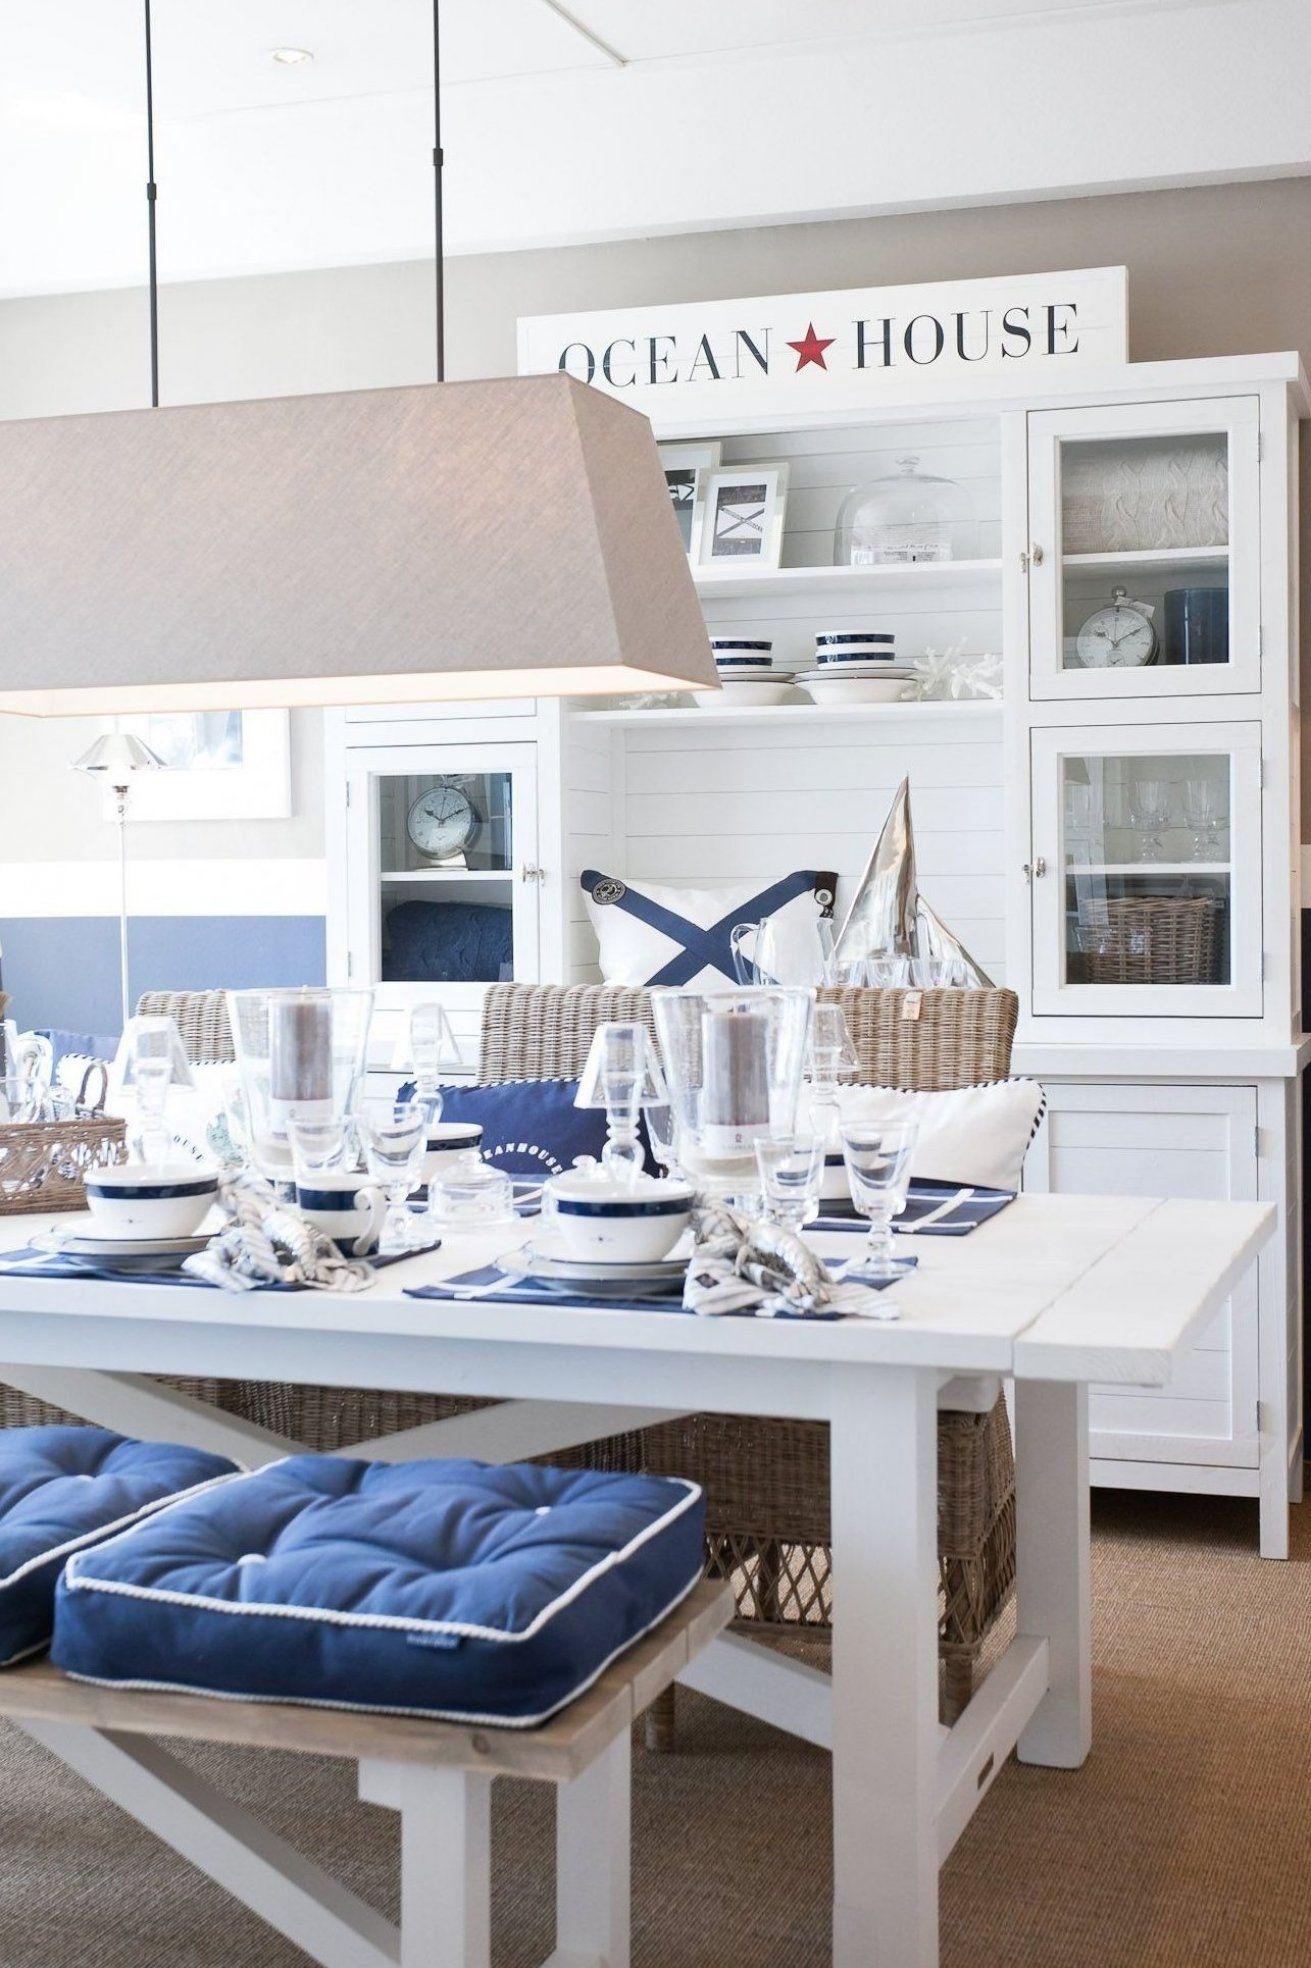 Beach House Coastal Decor In 2020 Coastal Living Rooms Coastal Kitchen Coastal Bedrooms